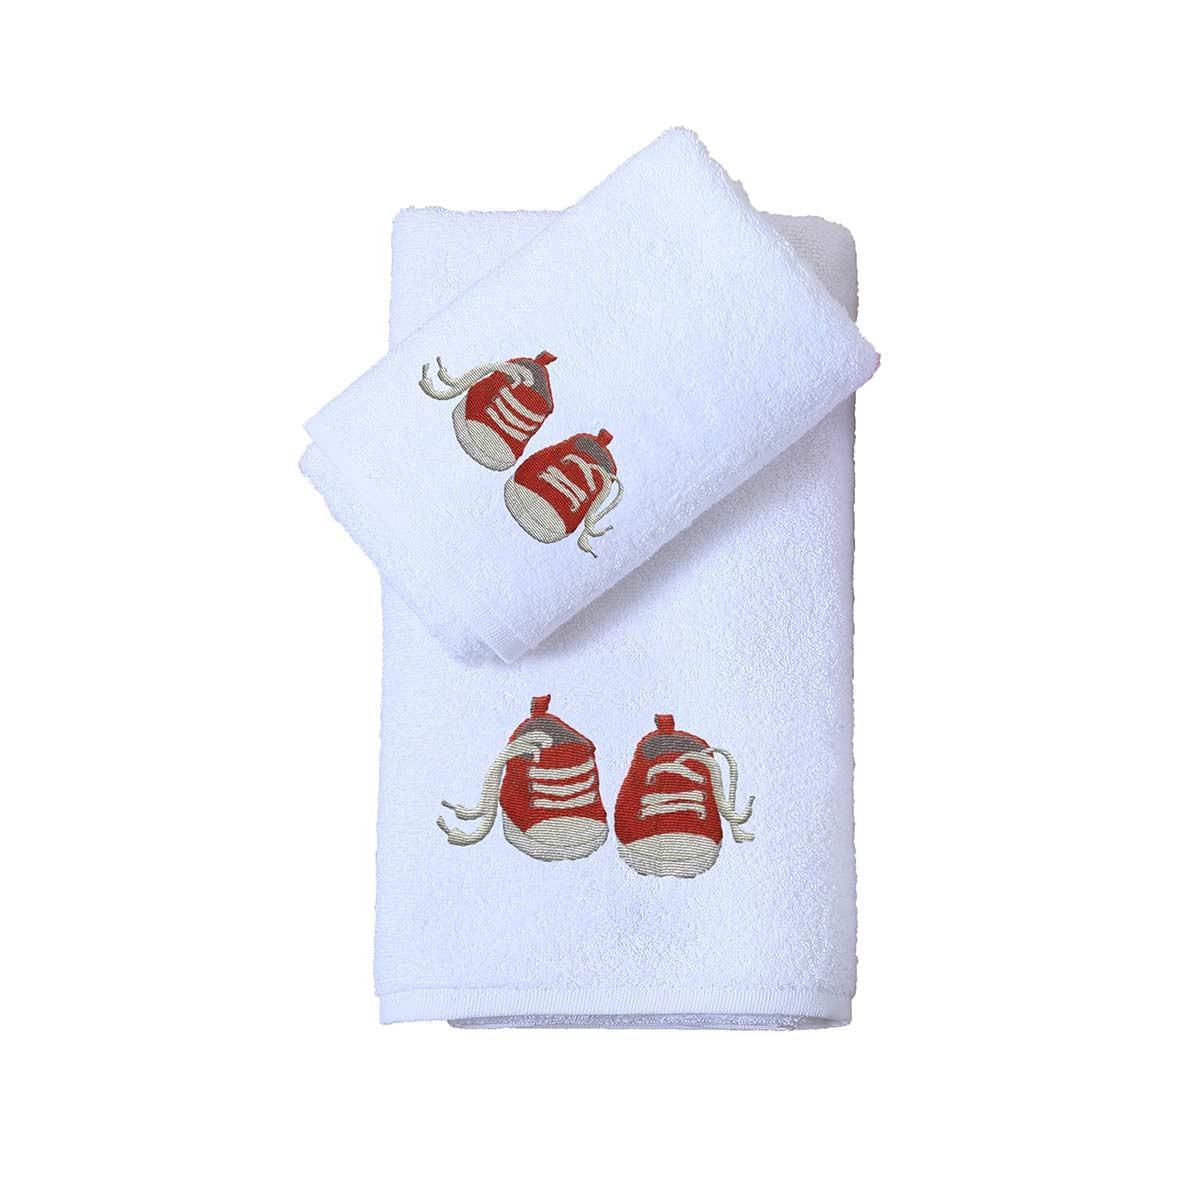 Βρεφικές Πετσέτες (Σετ 2τμχ) Viopros Σταράκια